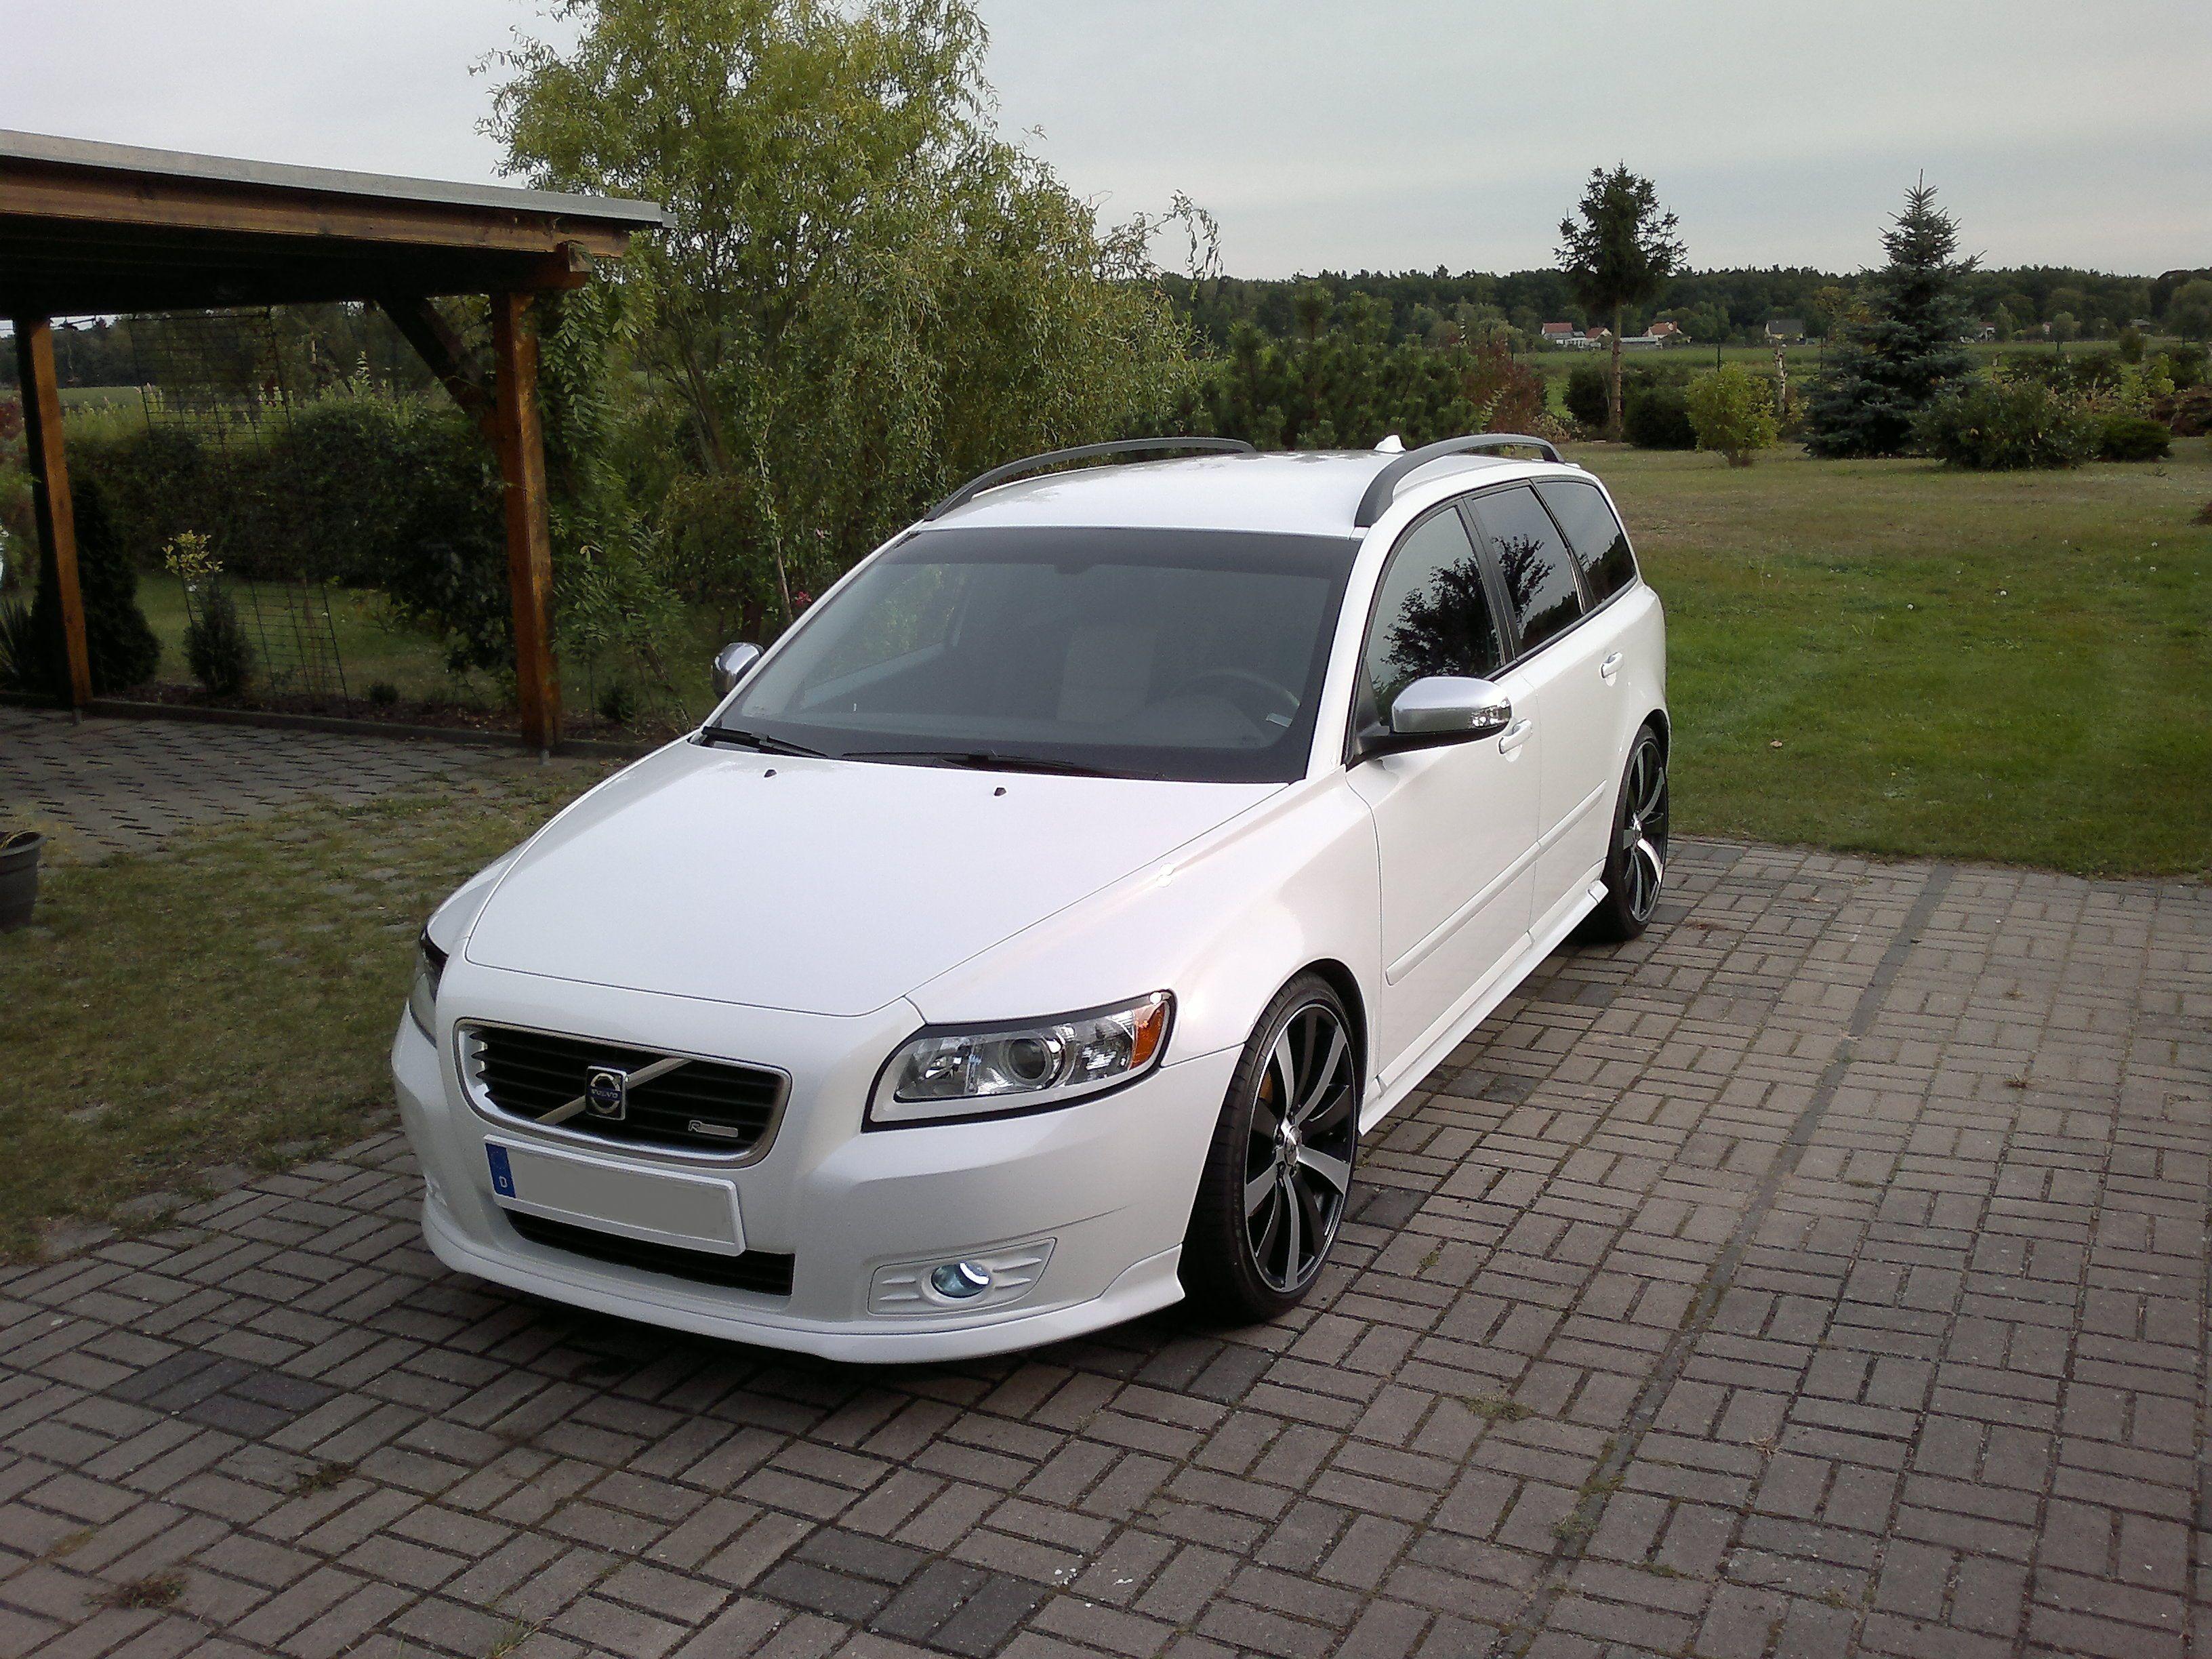 Volvo v50 r design google search